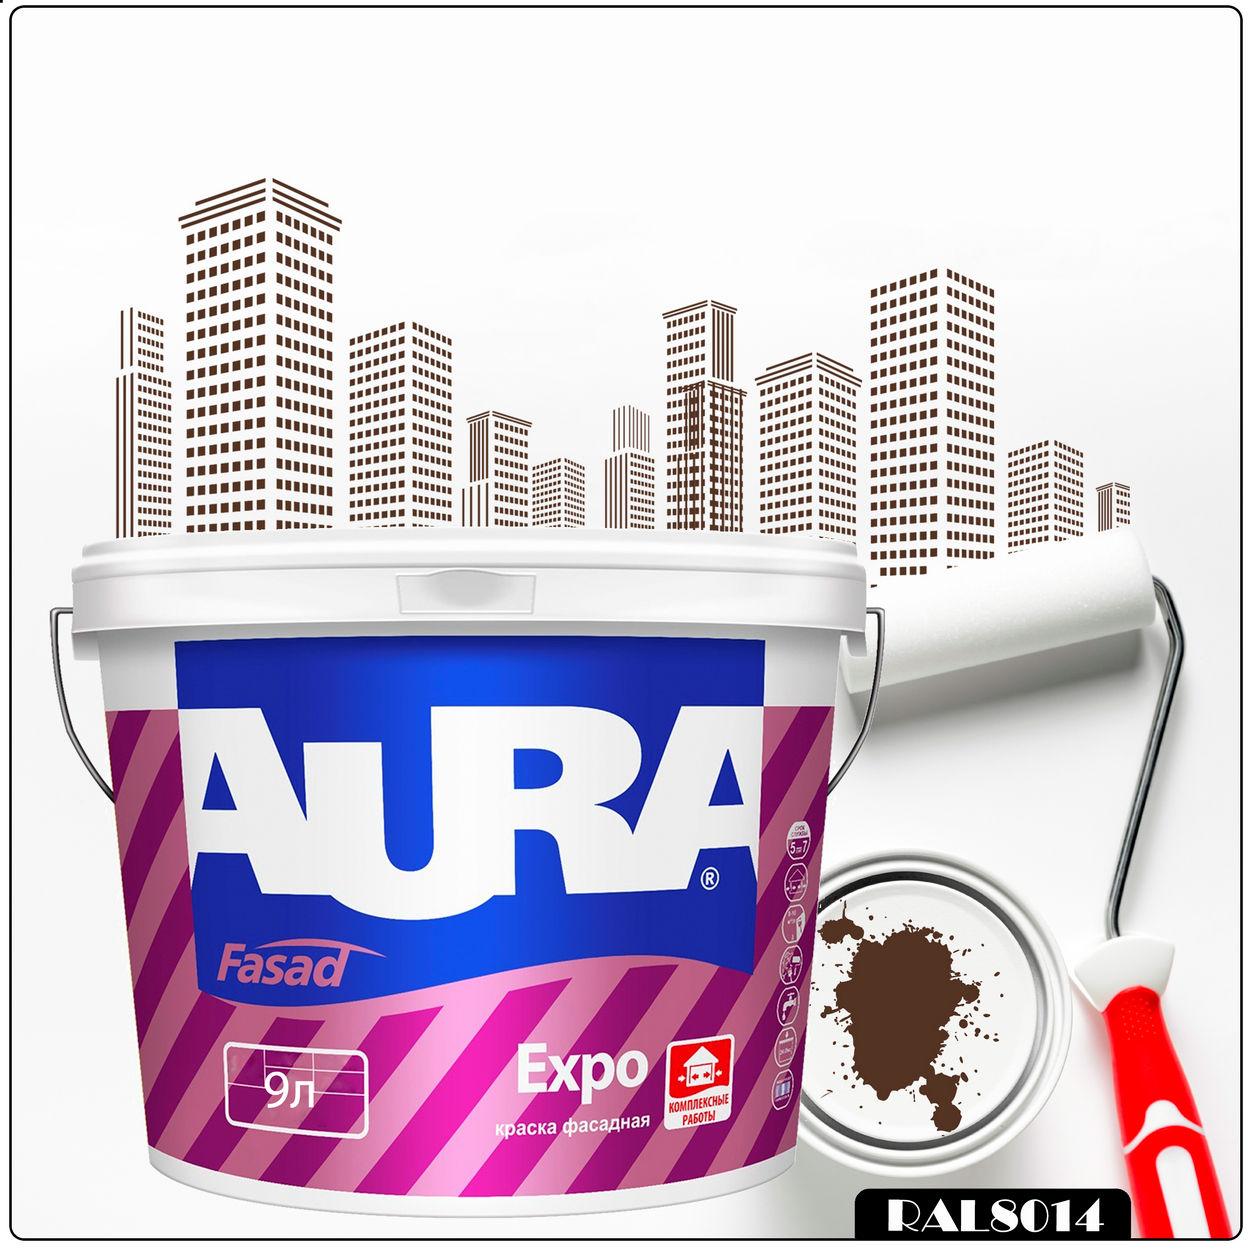 Фото 10 - Краска Aura Fasad Expo, RAL 8014 Сепия-коричневый, матовая, для фасадов и помещений с повышенной влажностью, 9л.